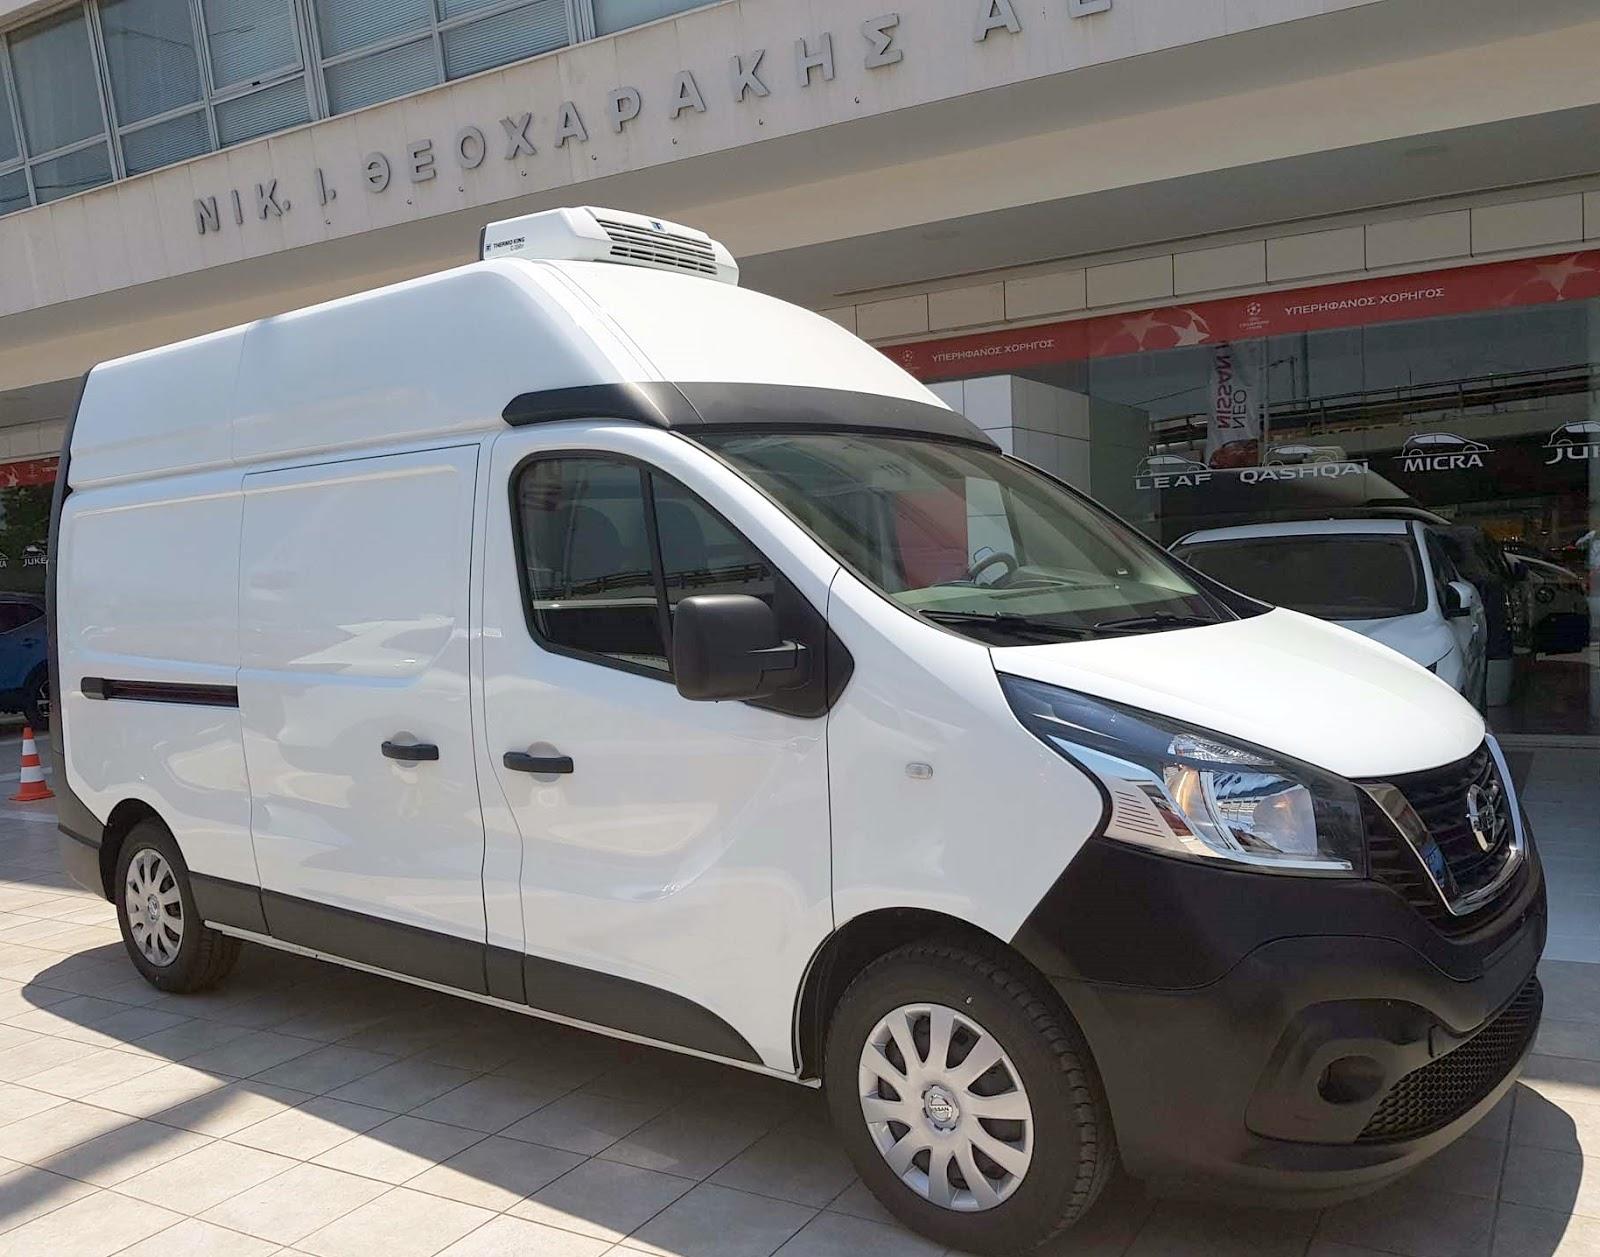 Φορτηγό NV300 διανομής φαρμακευτικού υλικού με ψυκτικό θάλαμο, από τη Nissan Νικ. Ι. Θεοχαράκης Α.Ε.